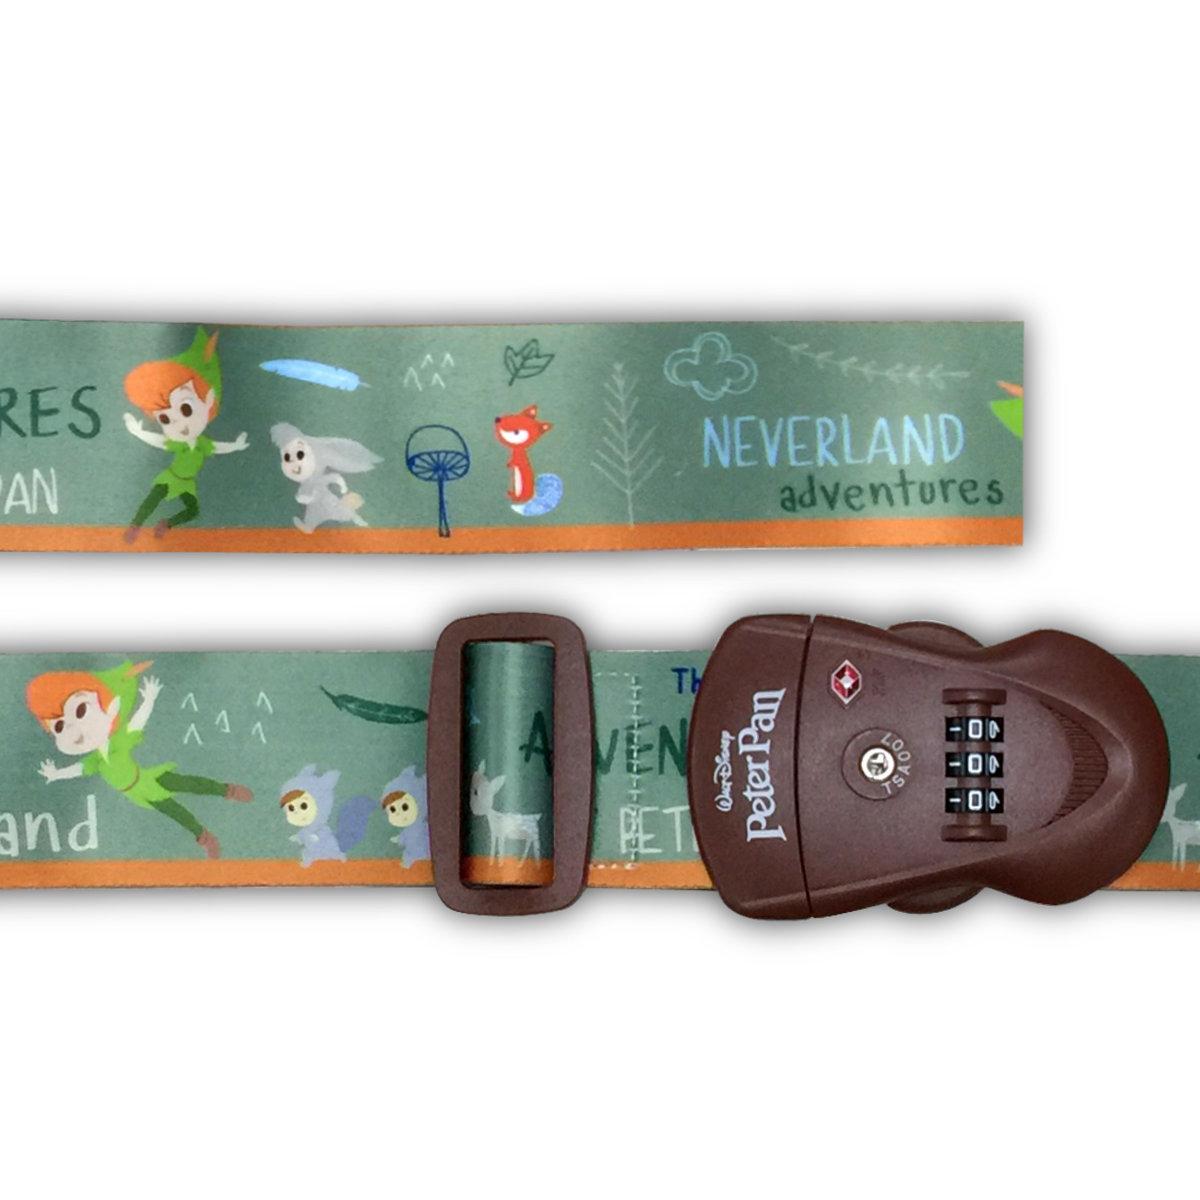 Peter Pan Luggage Strap